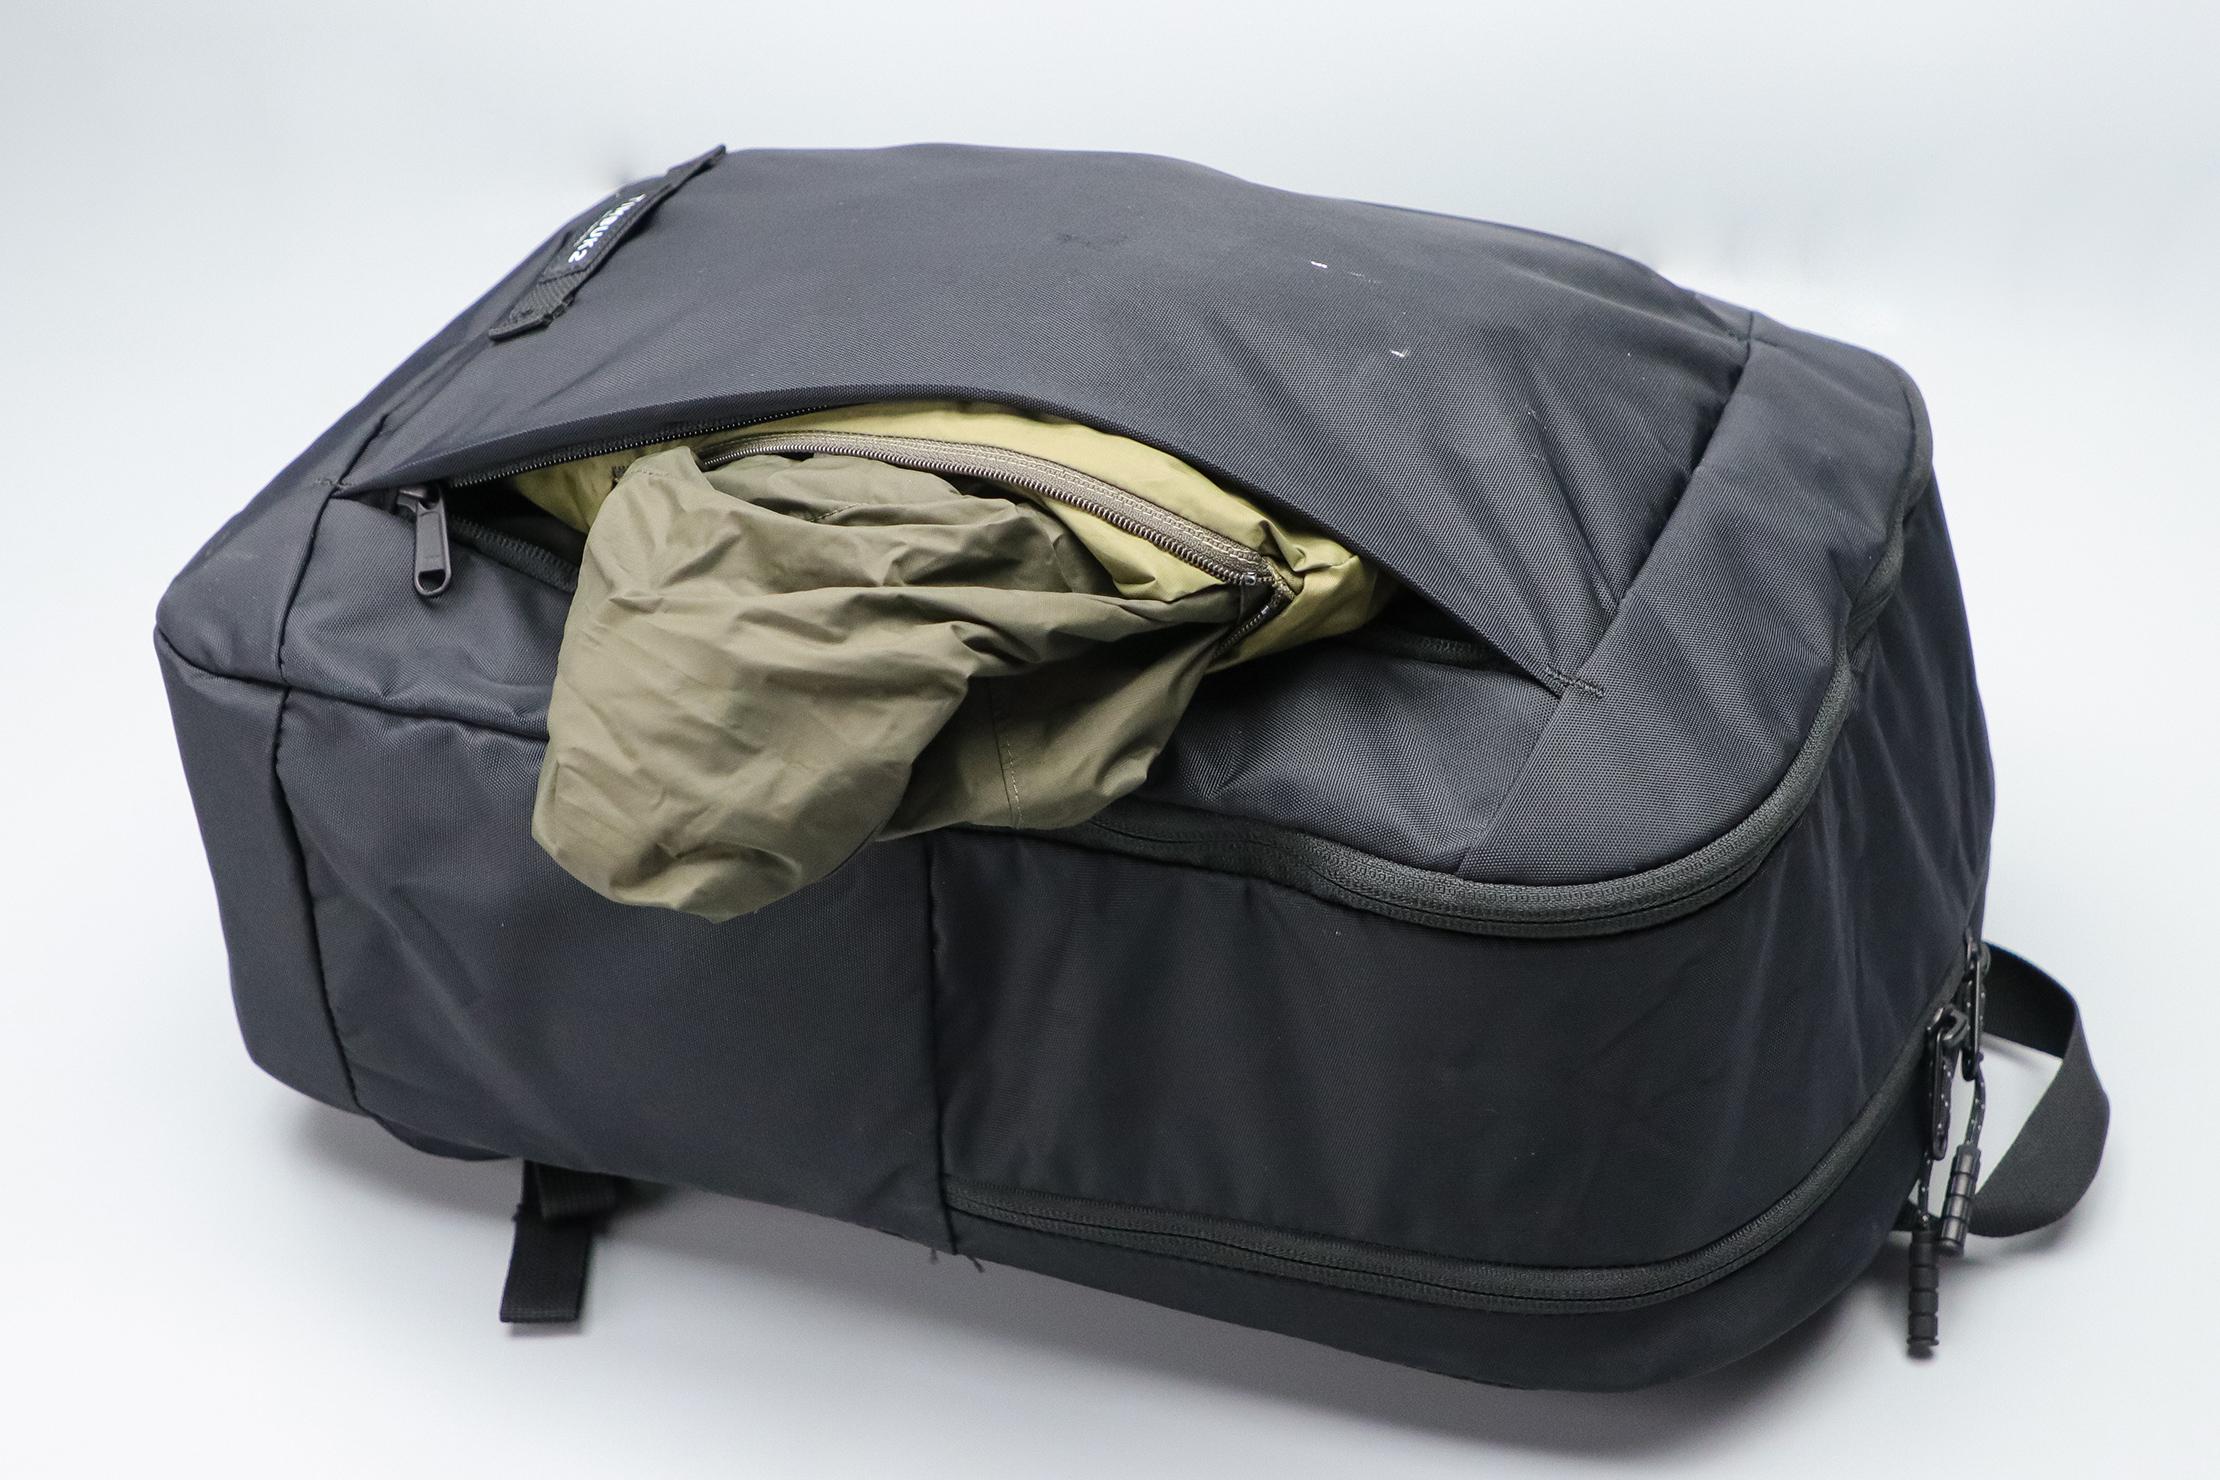 Timbuk2 Parkside Laptop Backpack 2.0 Large Front Pocket